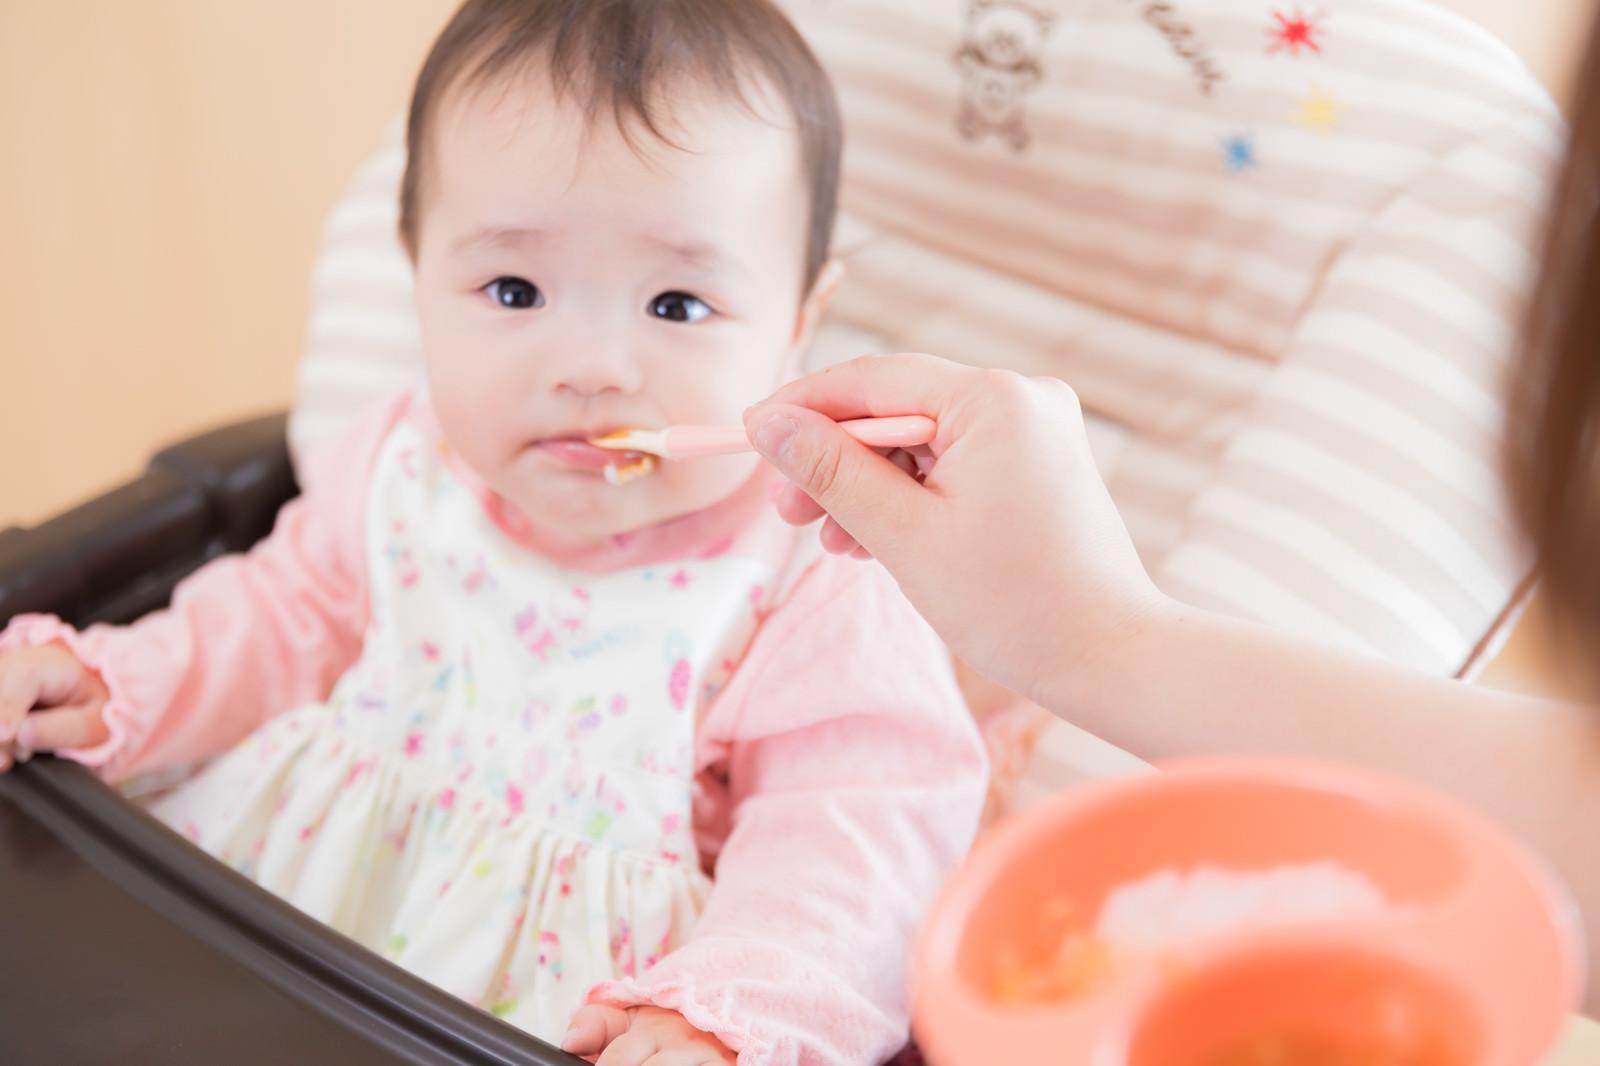 「離乳食をなかなか食べてくれない愛娘」の写真[モデル:めぐな]